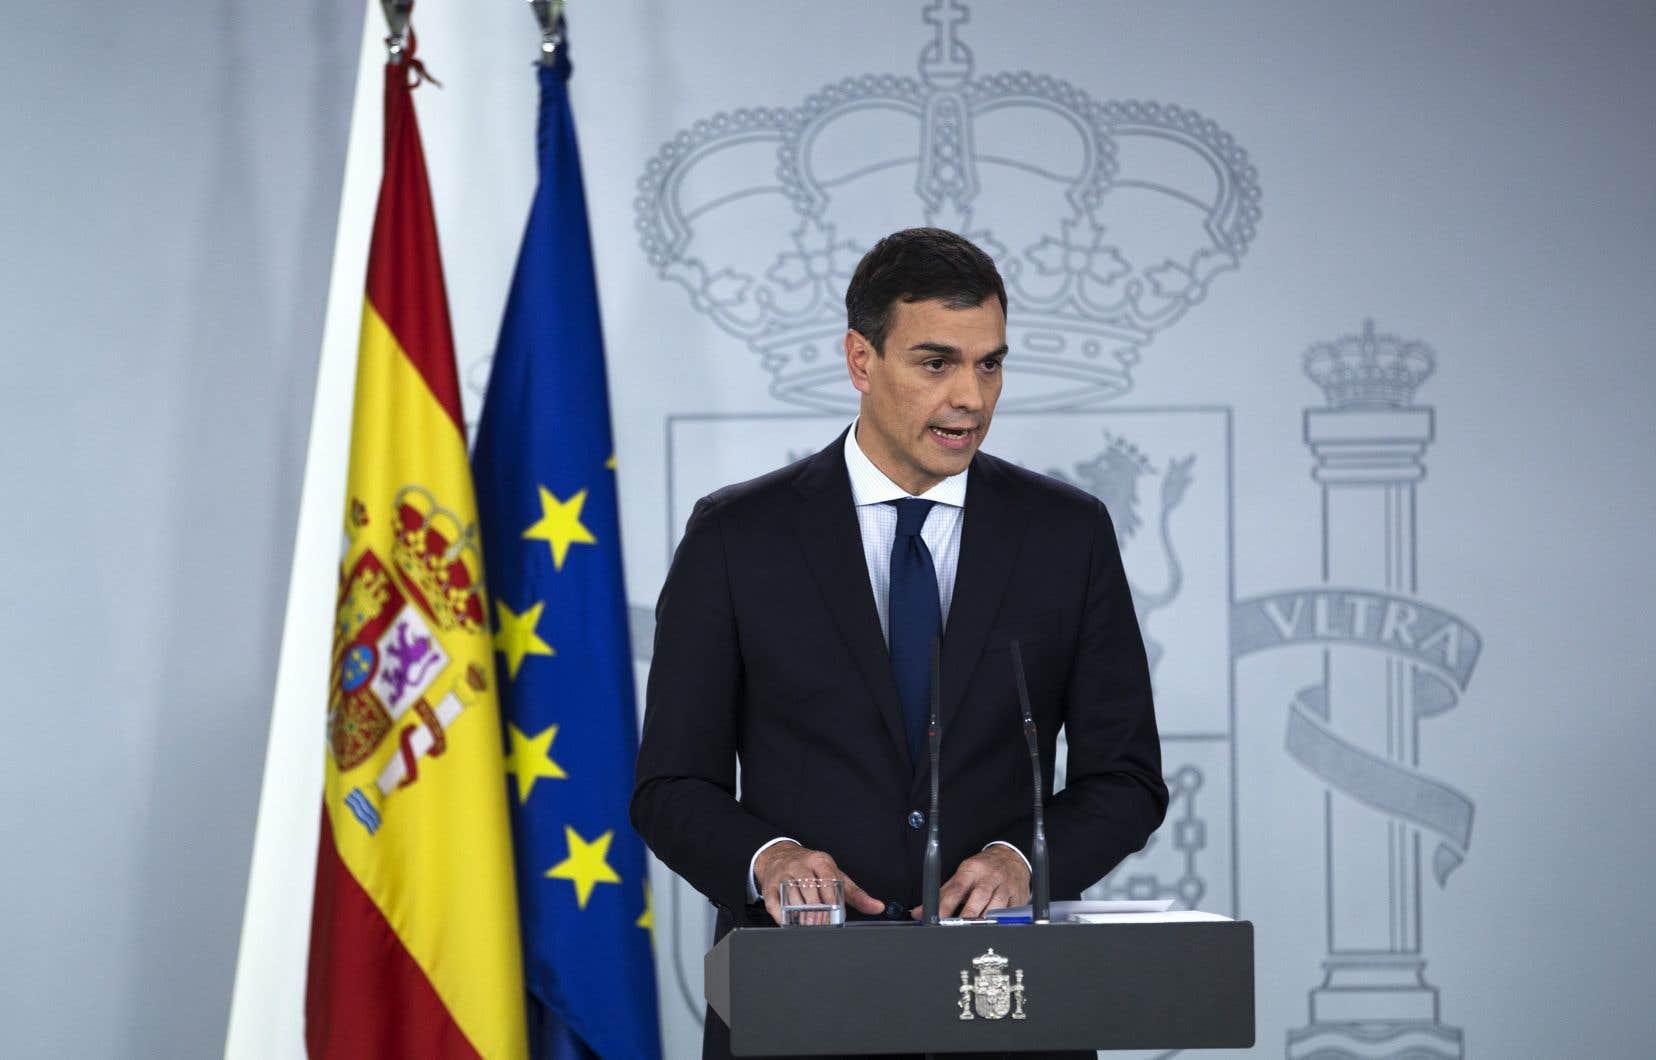 Le premier ministre espagnol, Pedro Sánchez, fait l'annonce de son nouveau cabinet, majoritairement féminin.